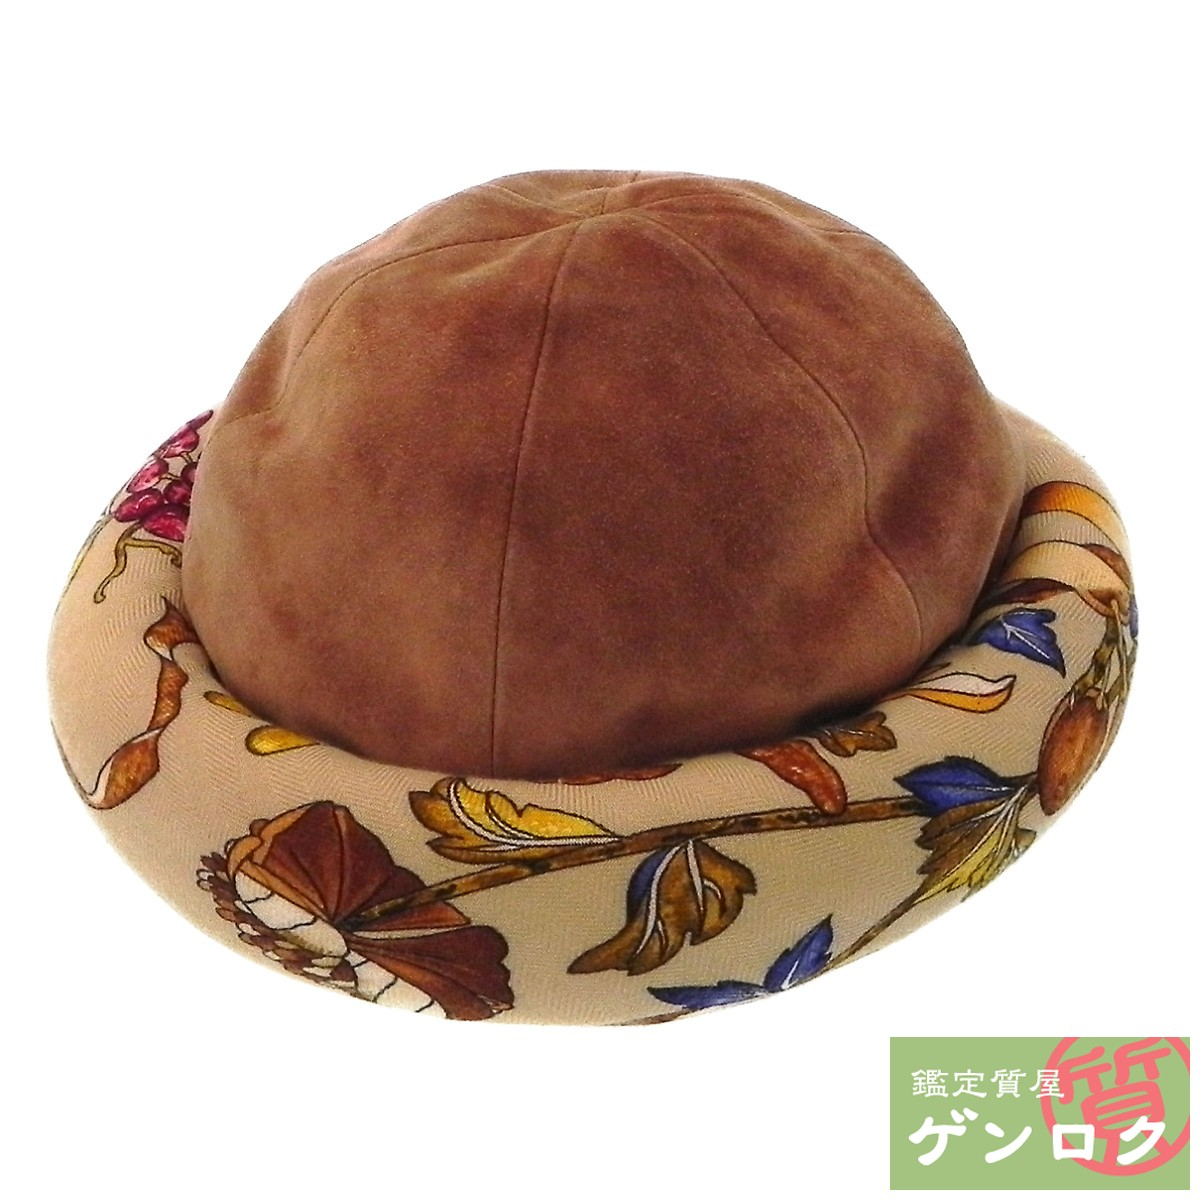 【中古】エルメス MOTSCH キャメル ブラウン 帽子 HERMES【質屋】【代引き手数料無料】